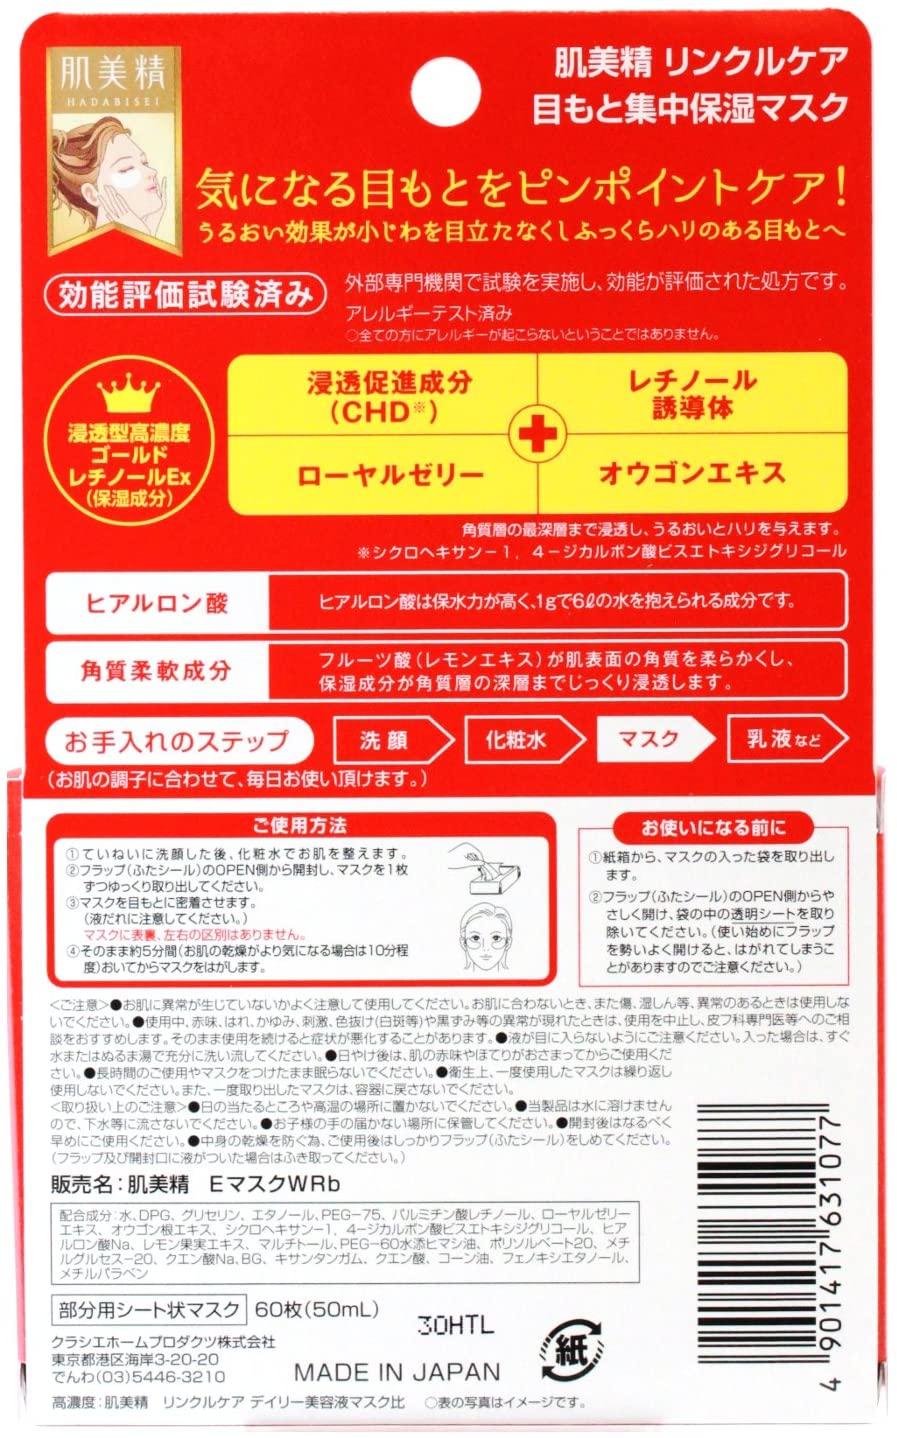 肌美精(HADABISEI) 目もと集中リンクルケアマスクの商品画像2